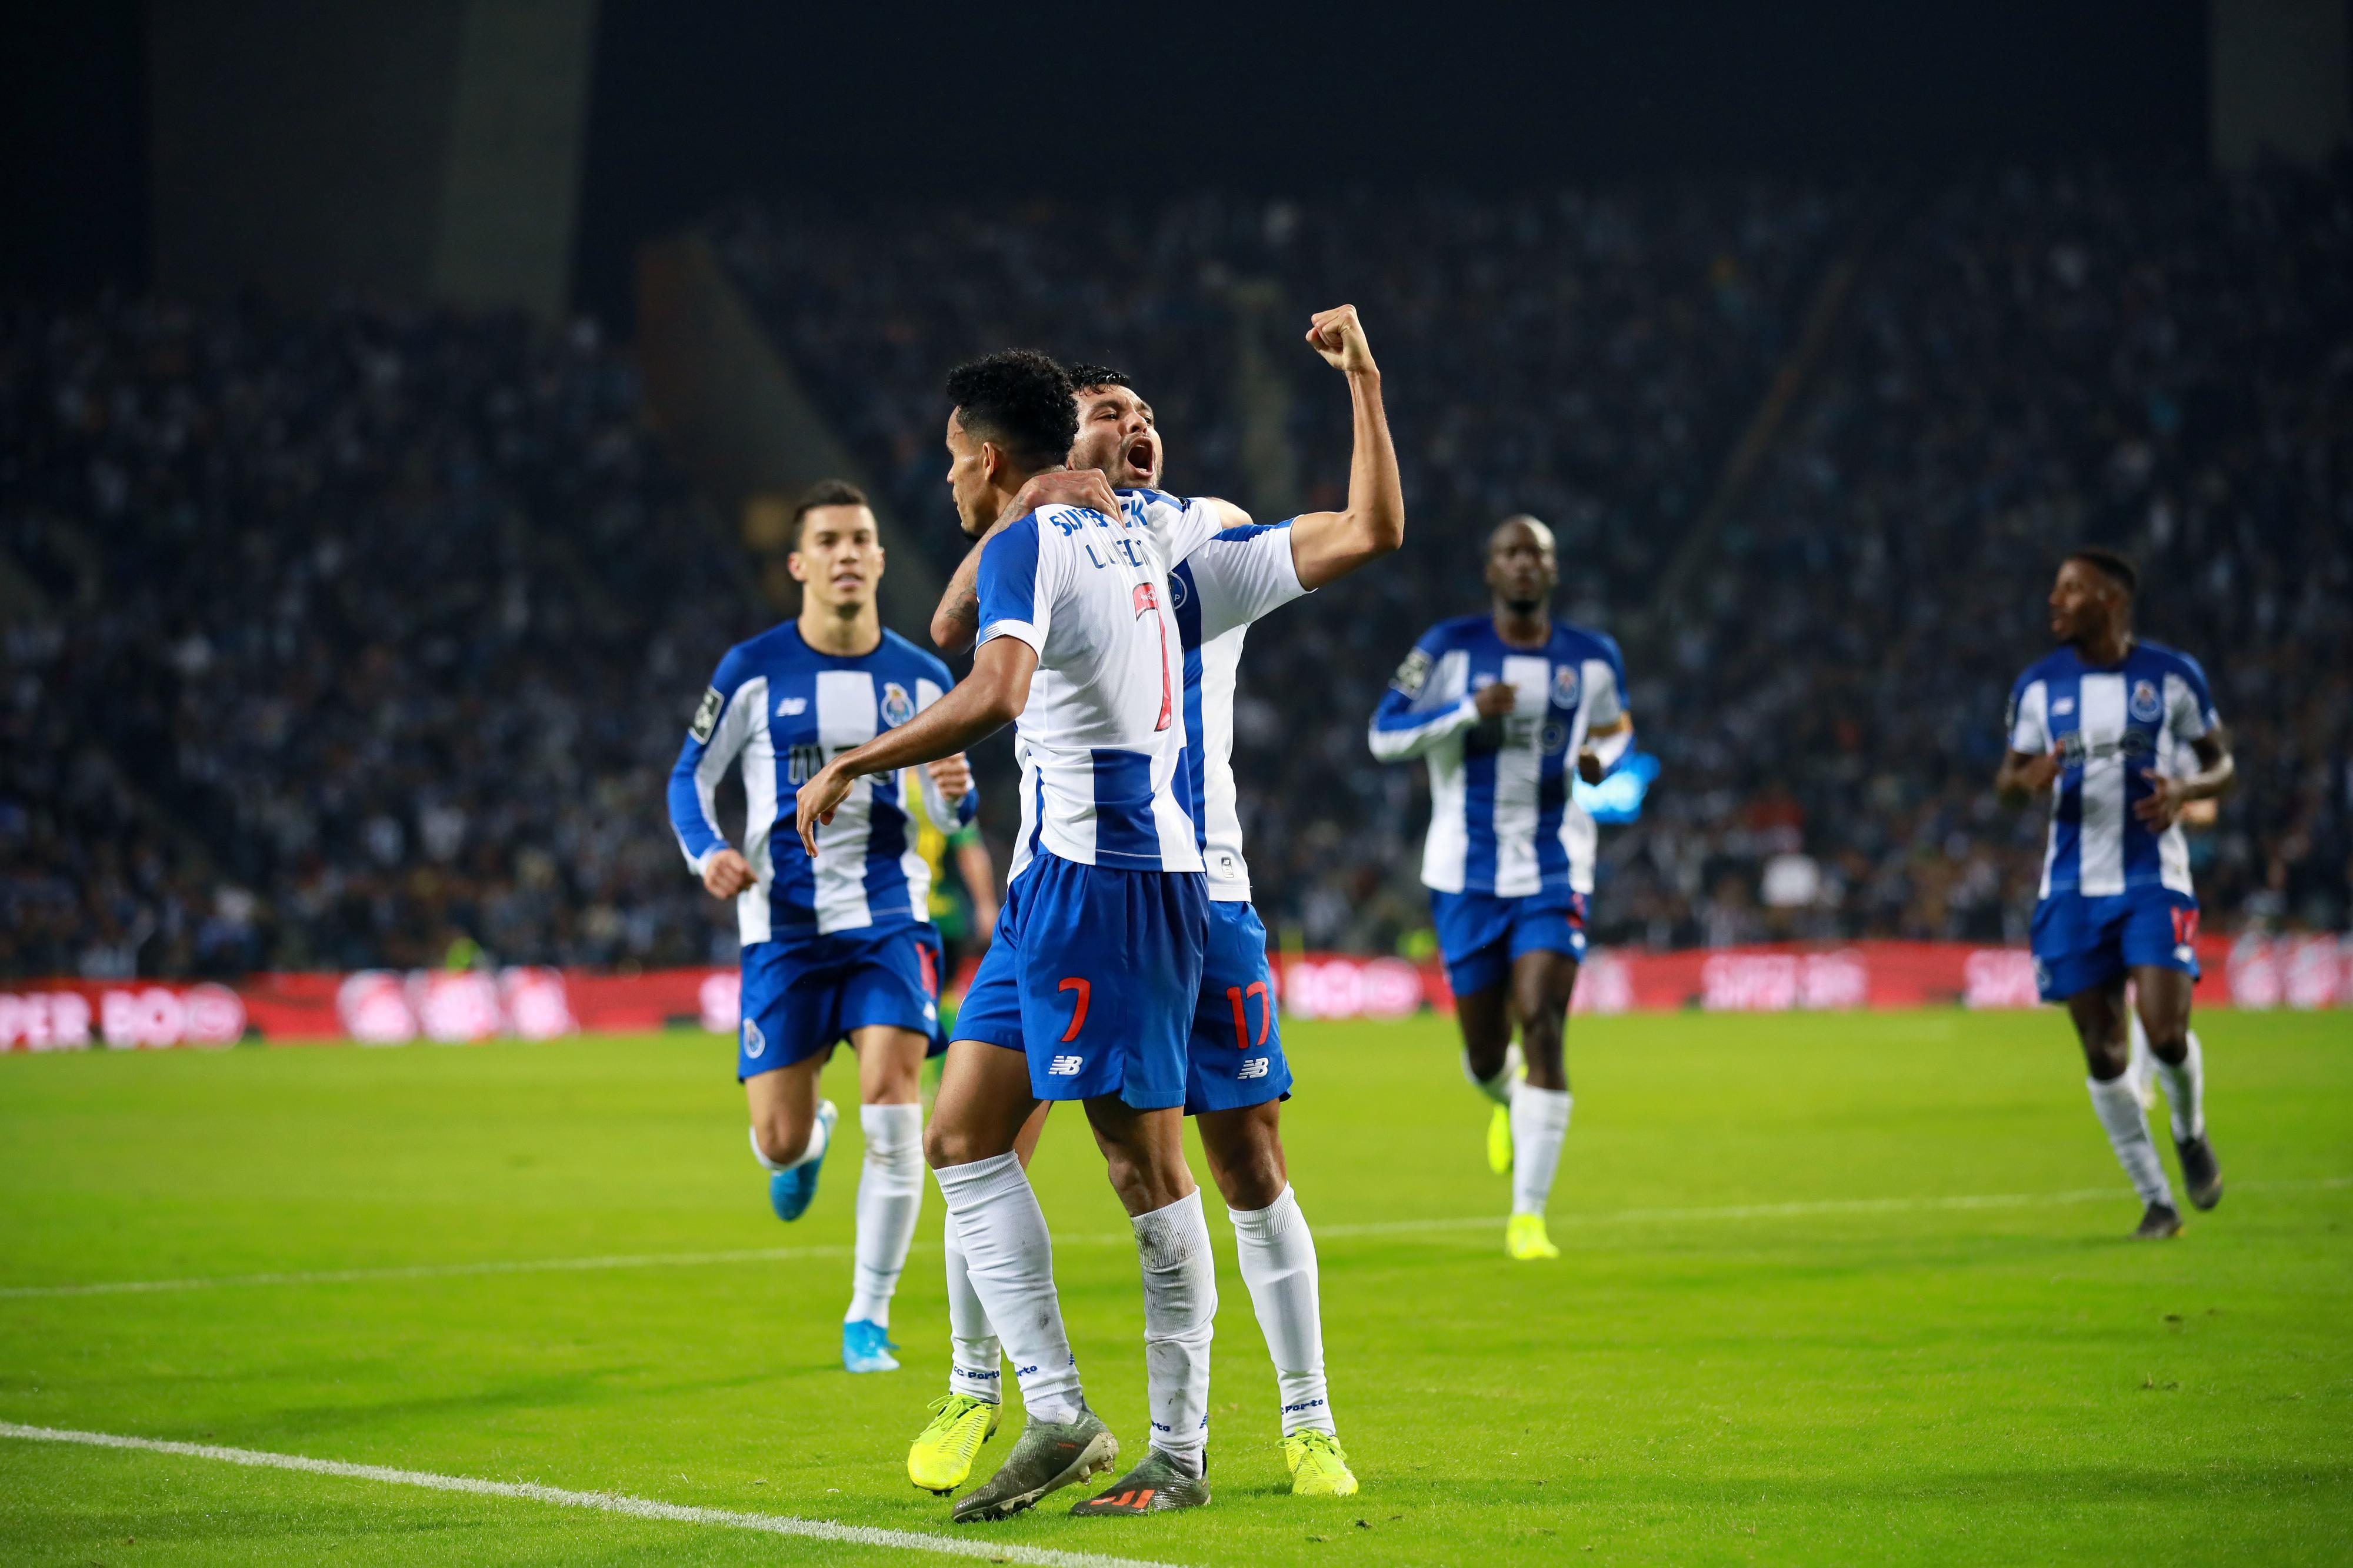 Casa Pia-FC Porto: Conceição recupera três 'noctívagos', num onze com muitas mudanças